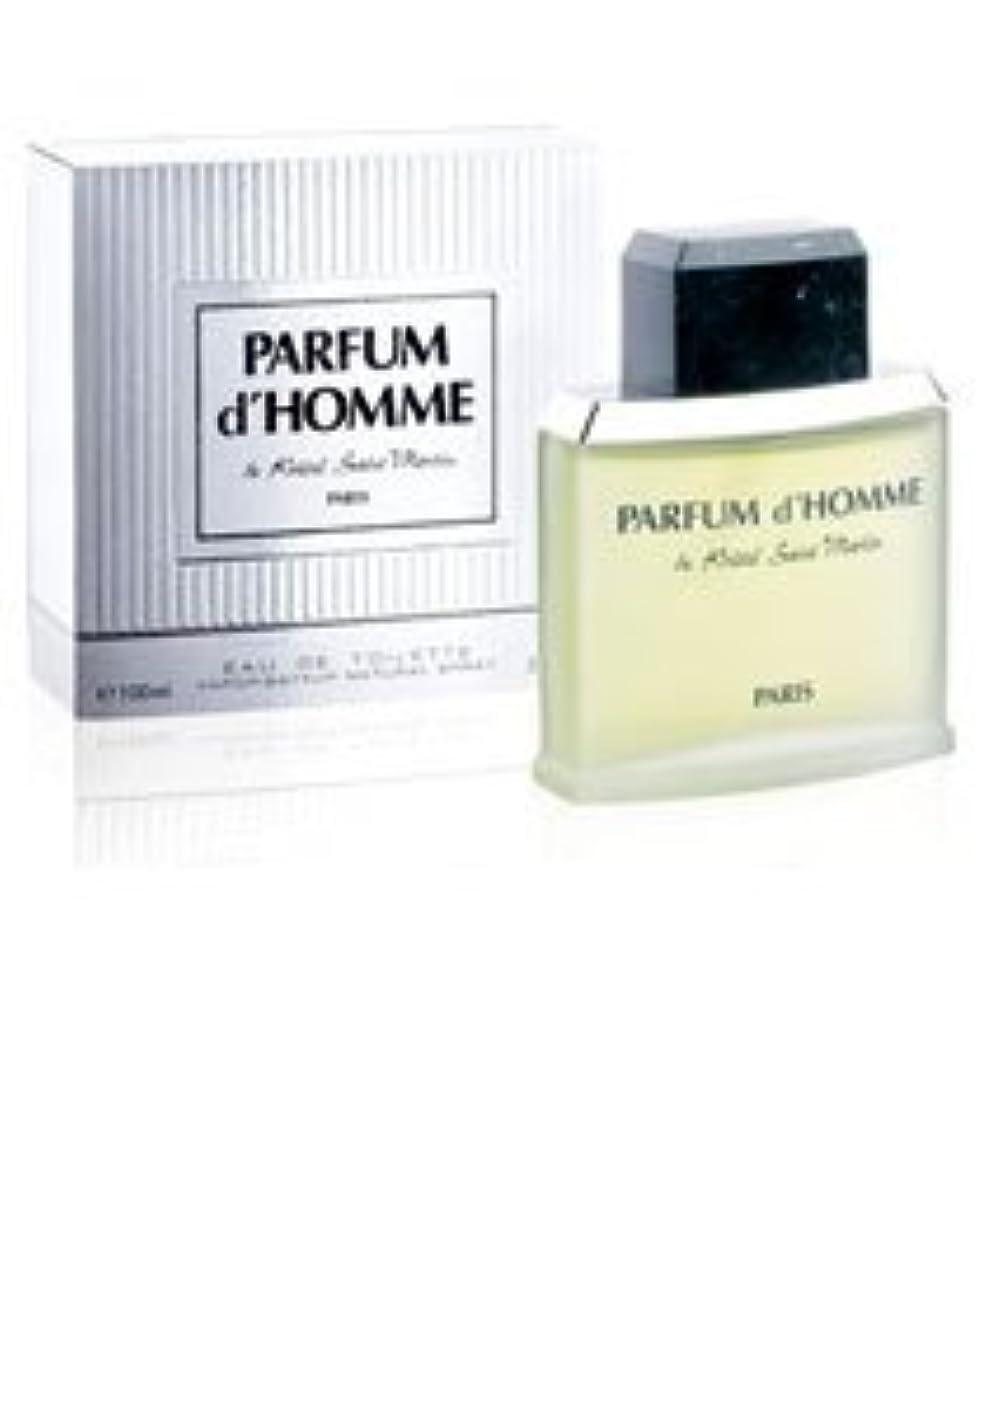 ホイッスル秀でる囲いParfum D'Homme (パルファム ド オム) 1.7 oz (50ml) EDT Spray by Kristel Saint Martin for Men